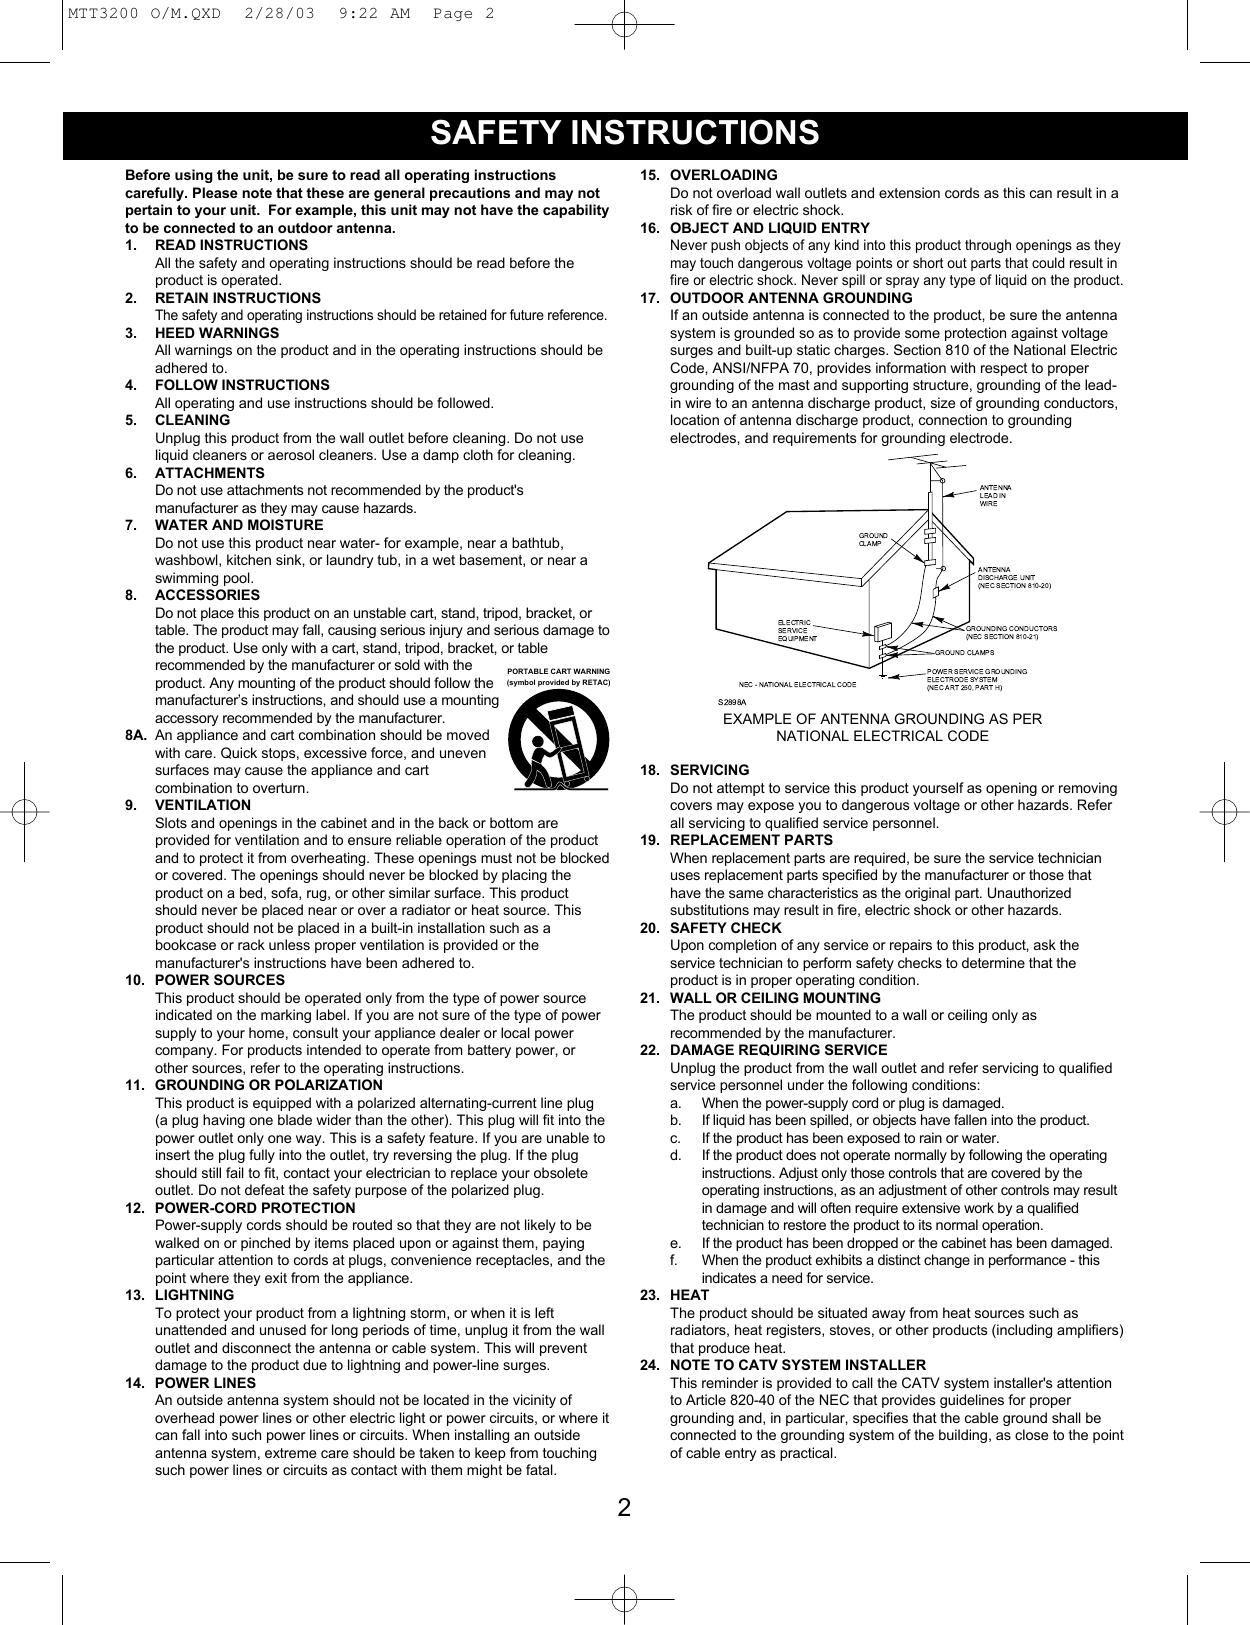 wiring diagram 6 speaker jensen stereo